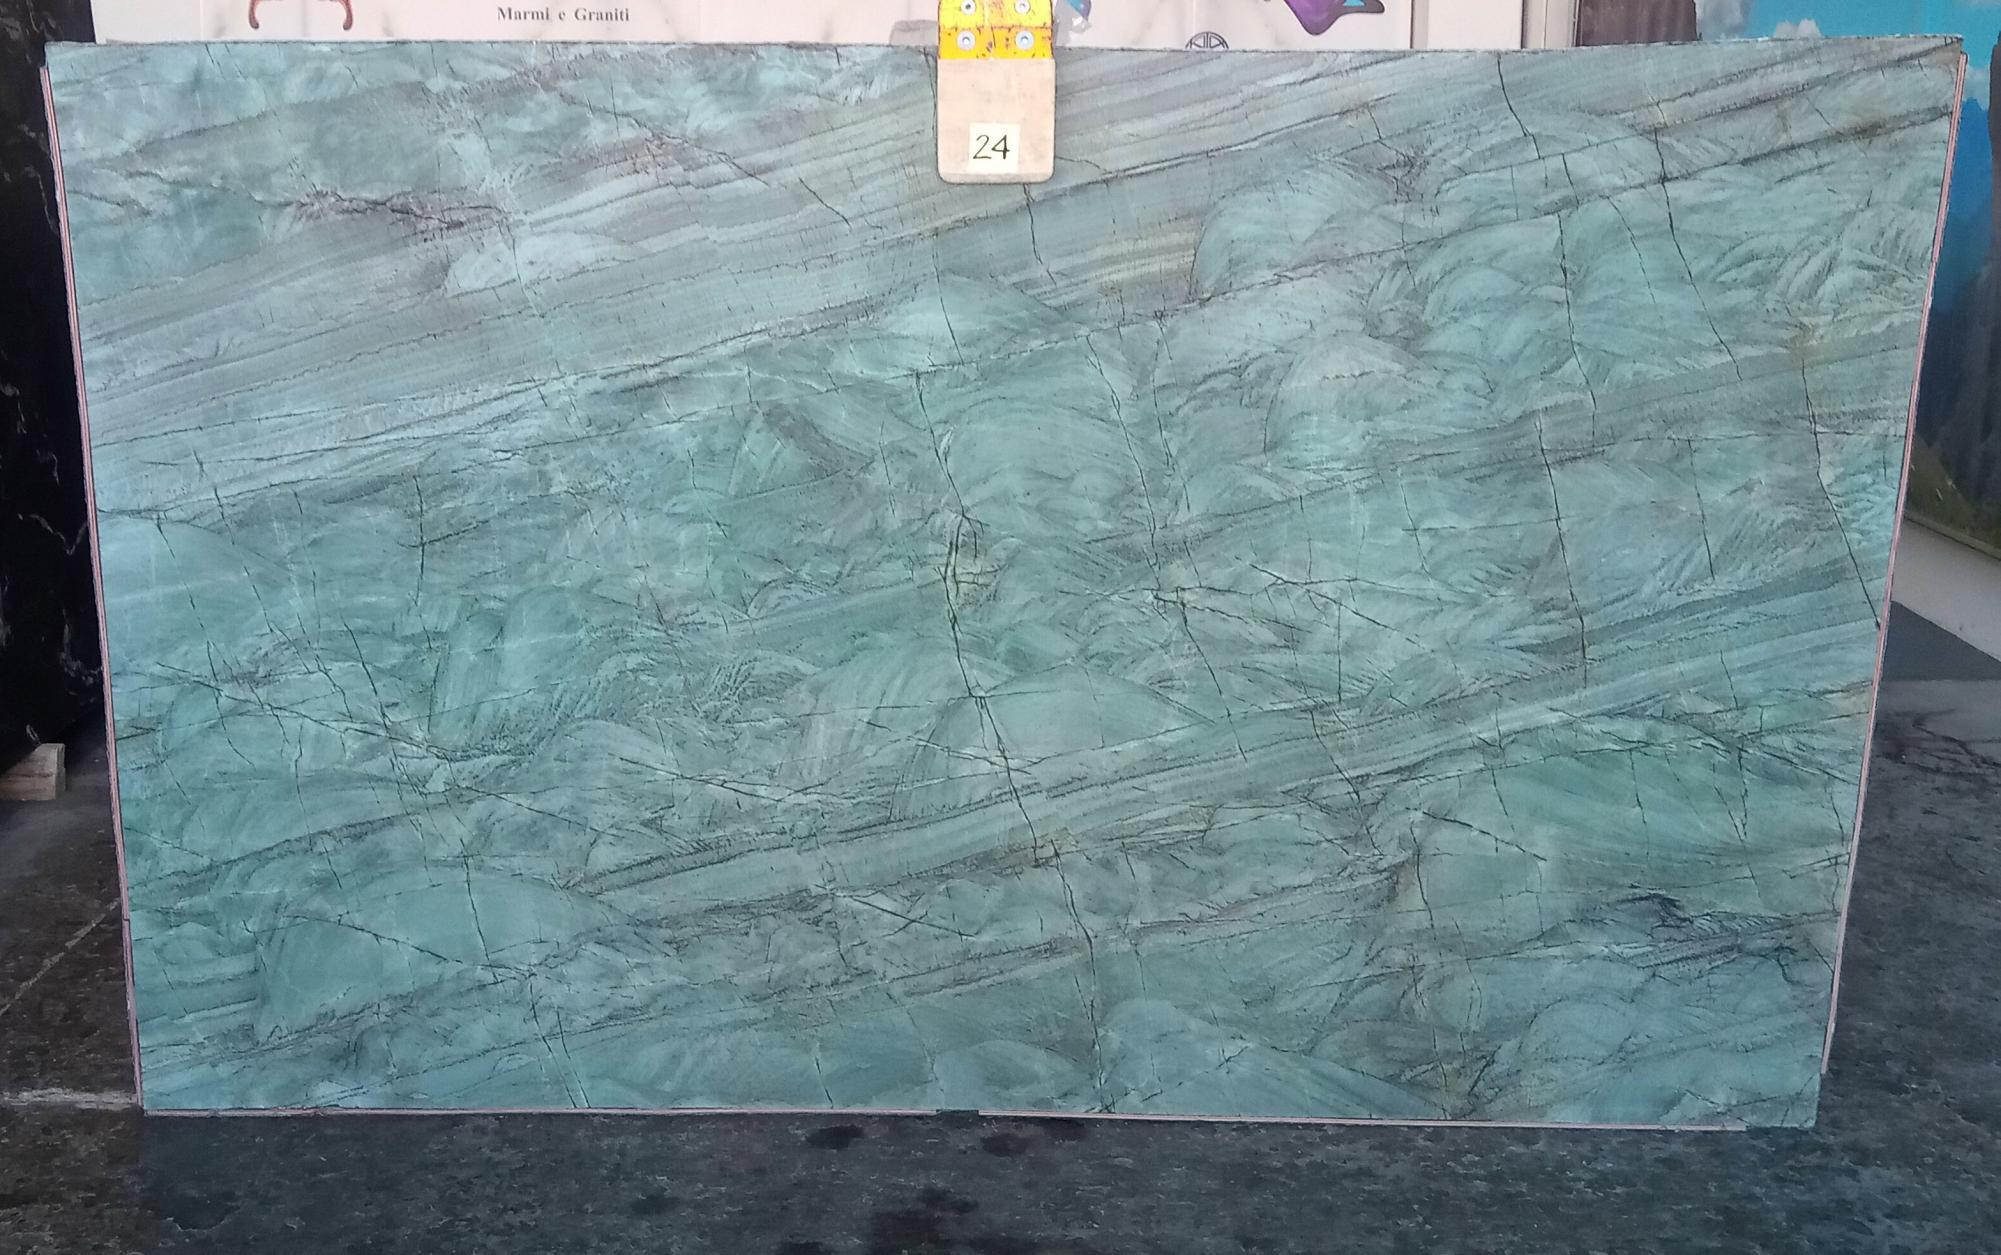 EMERALD GREEN Suministro Veneto (Italia) de planchas pulidas en cuarcita natural Z0209 , Slab #24